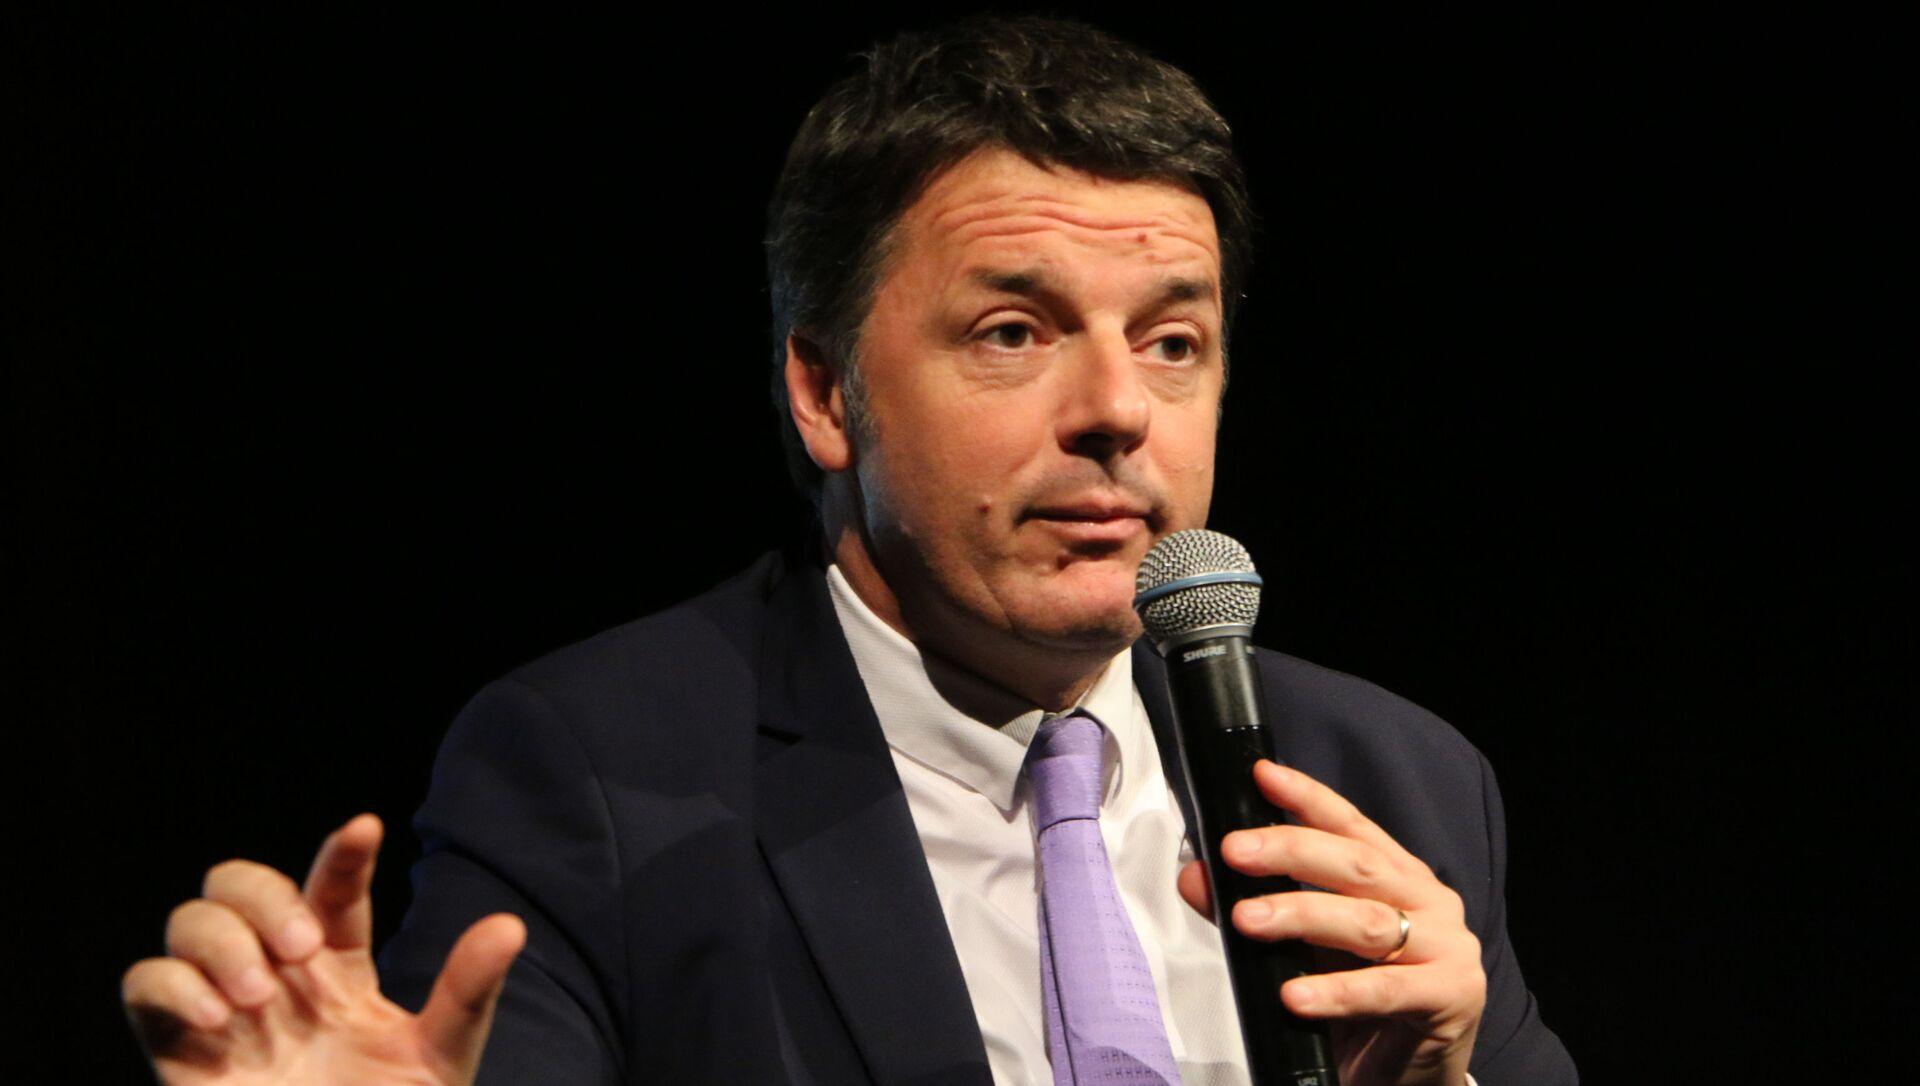 Polemiche sulla visita di Renzi in Arabia Saudita, ma lui si difende: Sono ossessionati da me - Sputnik Italia, 1920, 02.03.2021